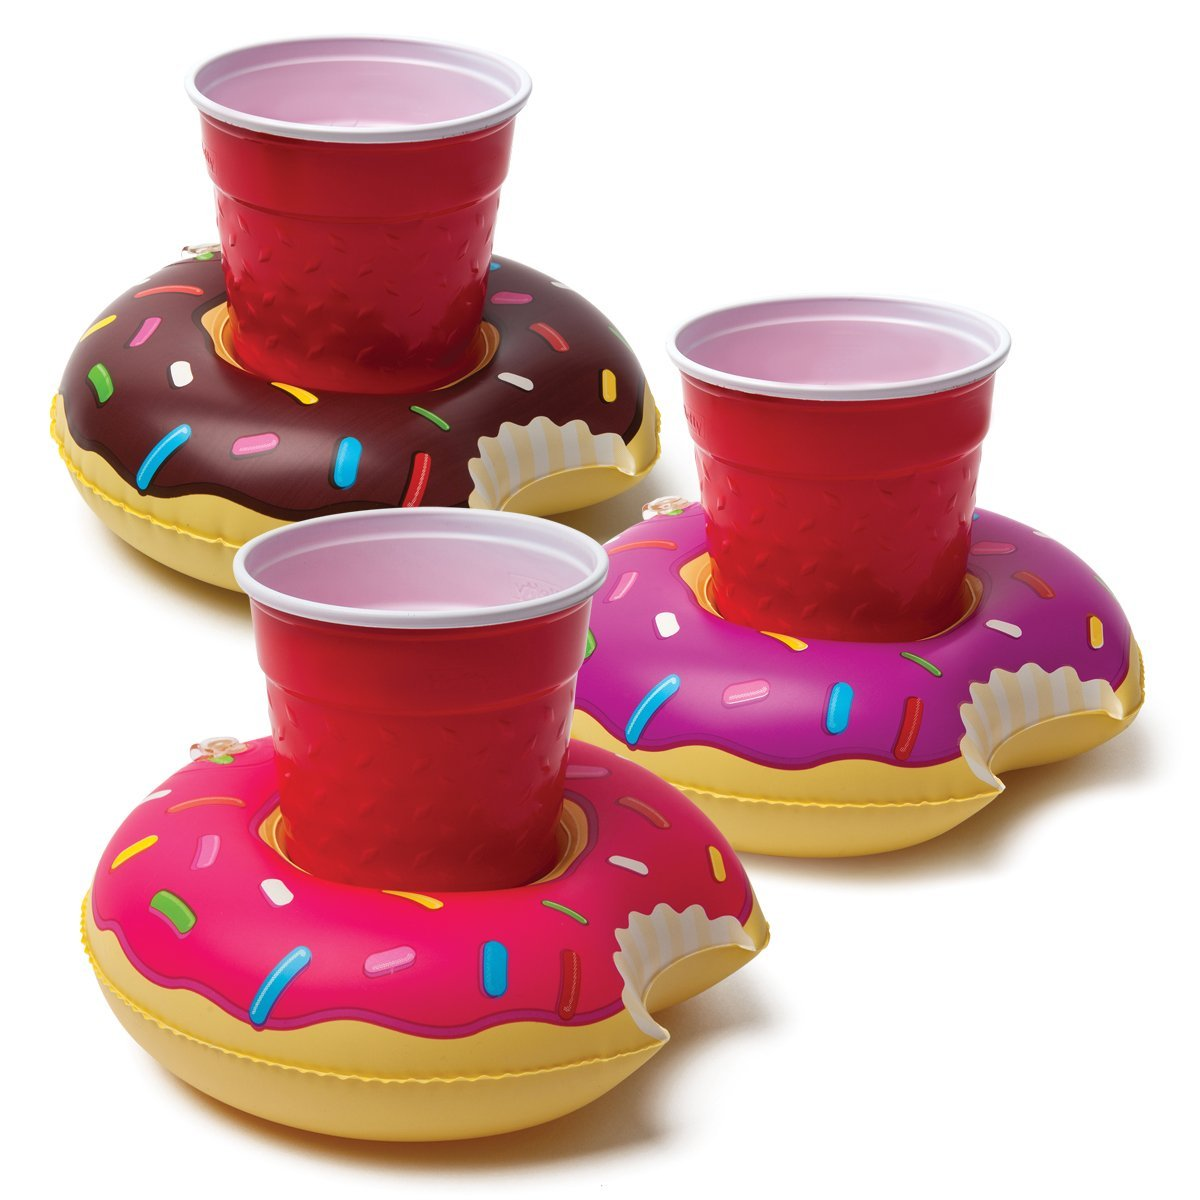 歐美 甜甜圈 水上充氣飲料啤酒杯座 兩個一組